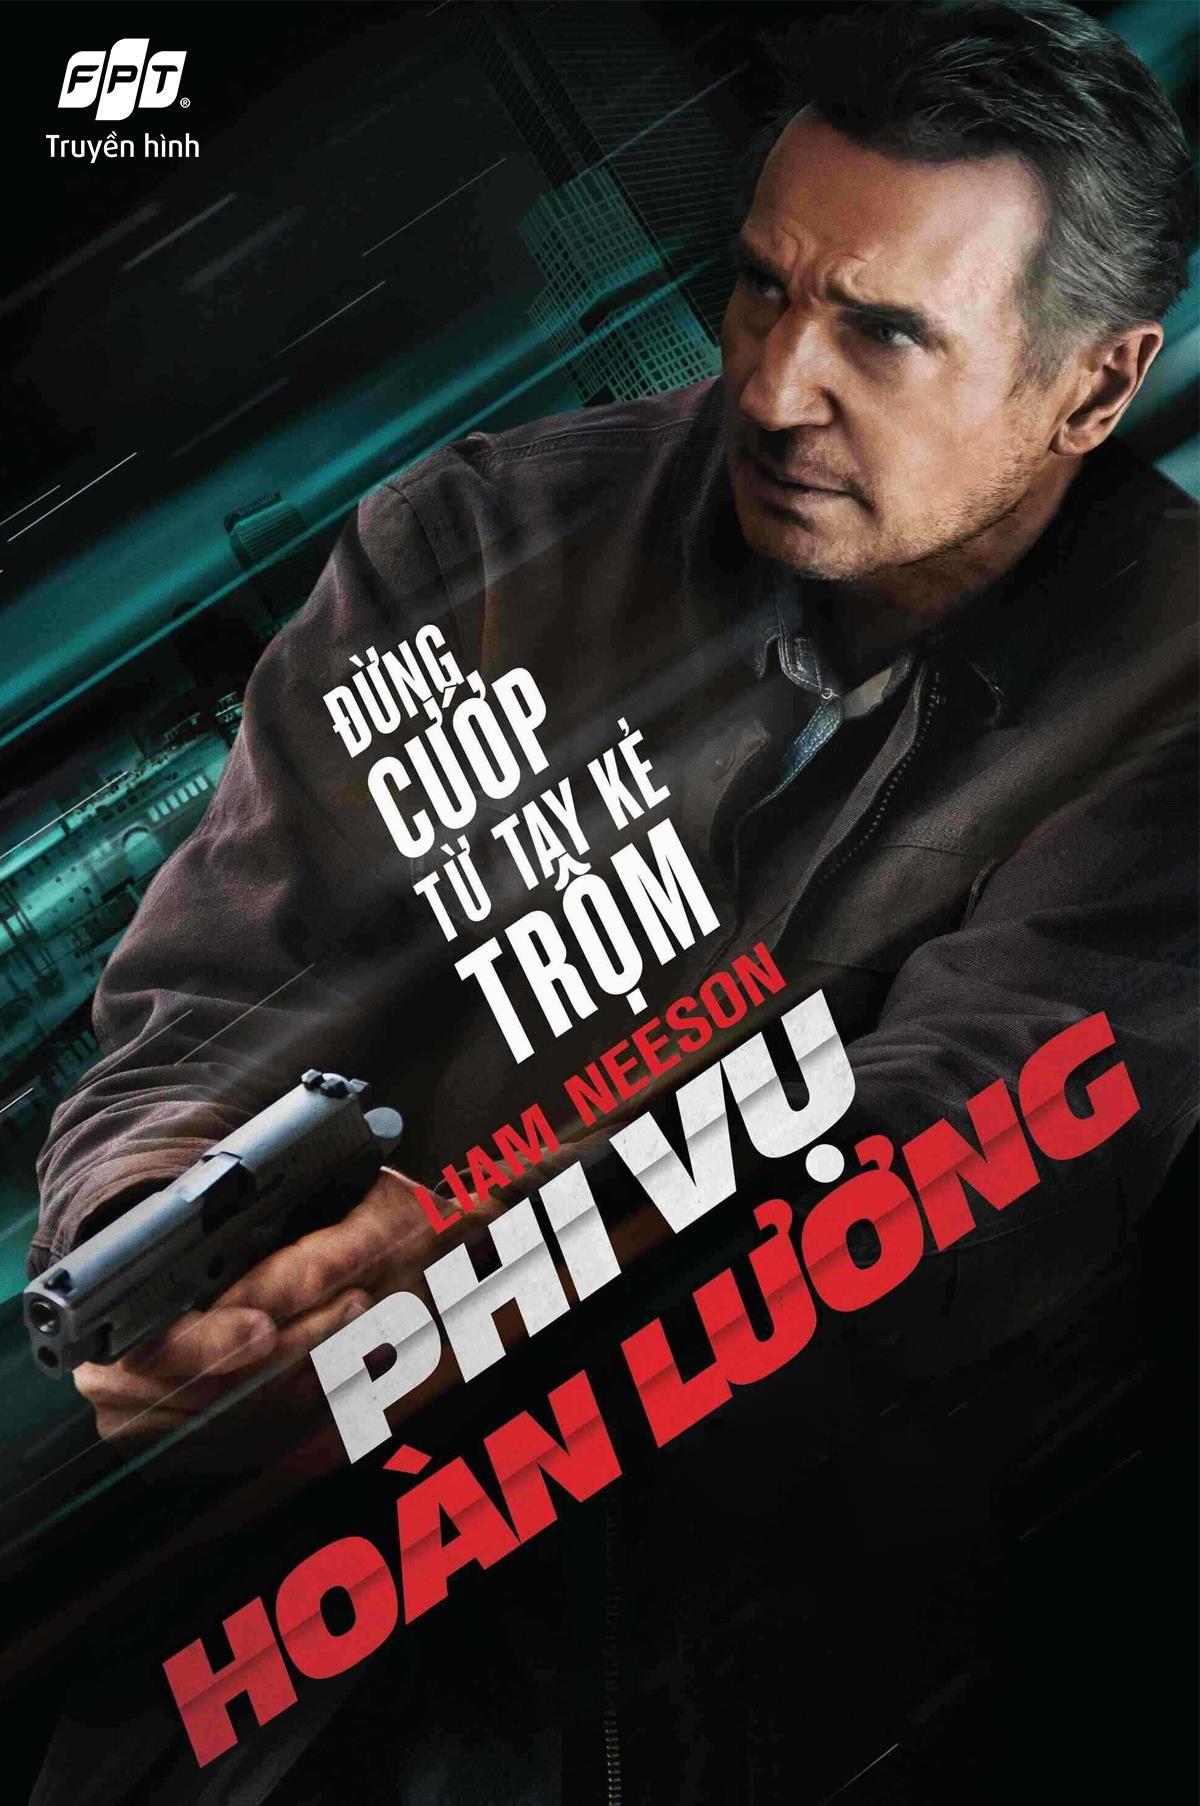 Ông bố quốc dân Liam Neeson tái xuất ở Honest Thief: Khi đồng tiền là phép thử dễ dàng nhất đối với lòng người - Ảnh 1.